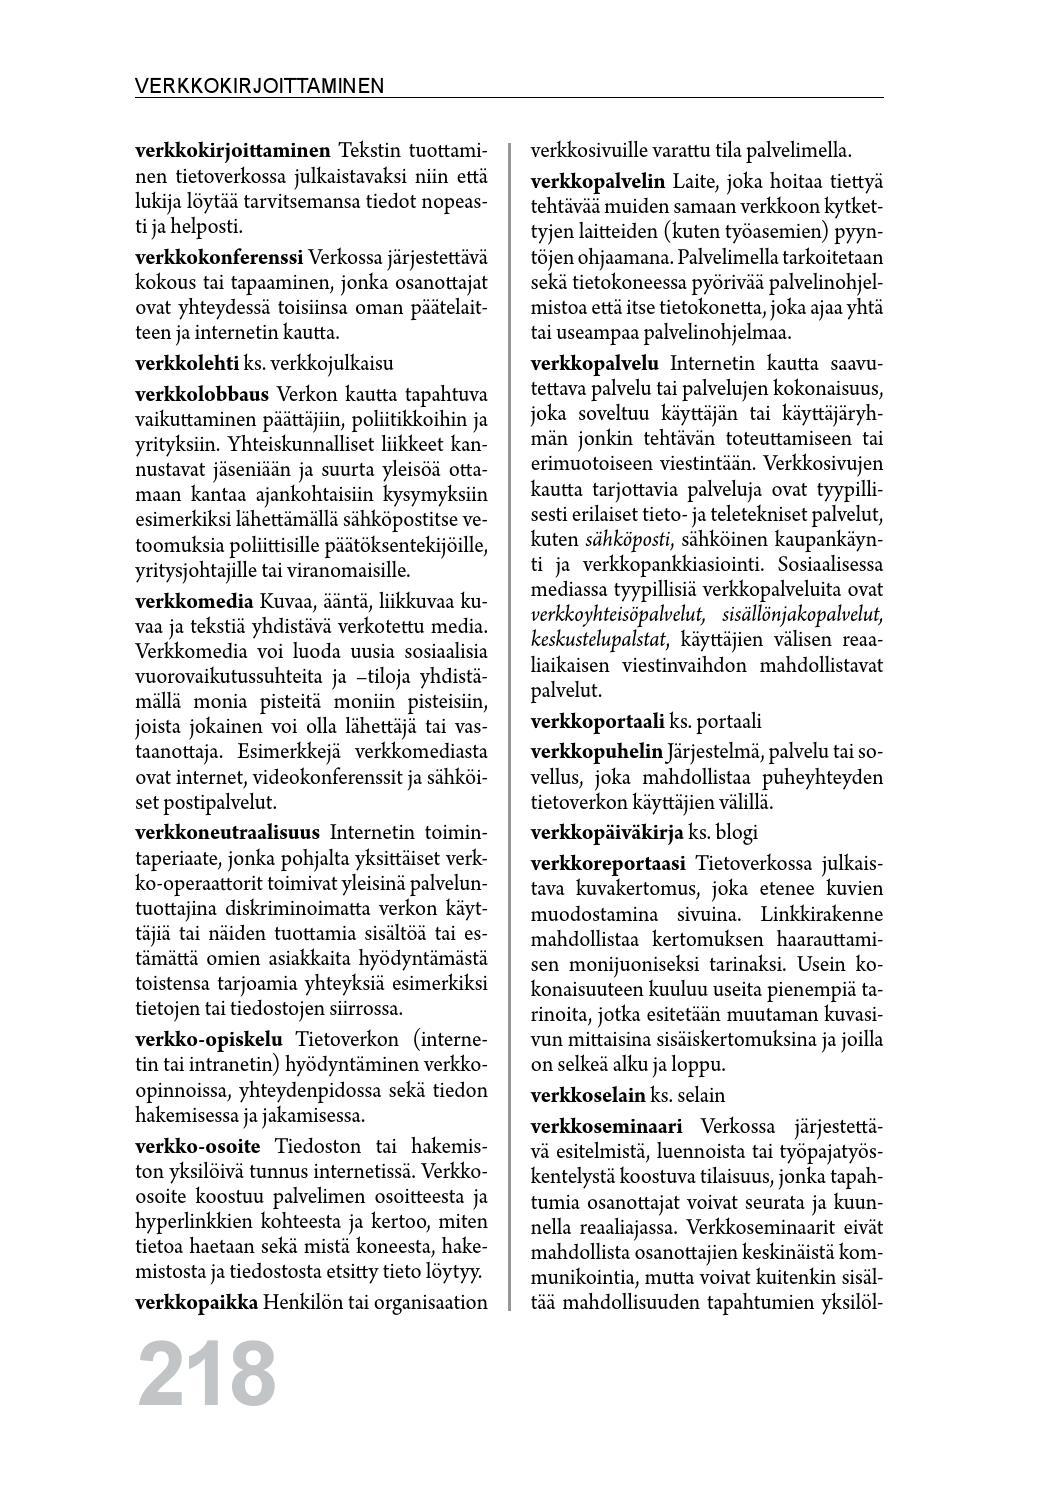 Mediasanasto